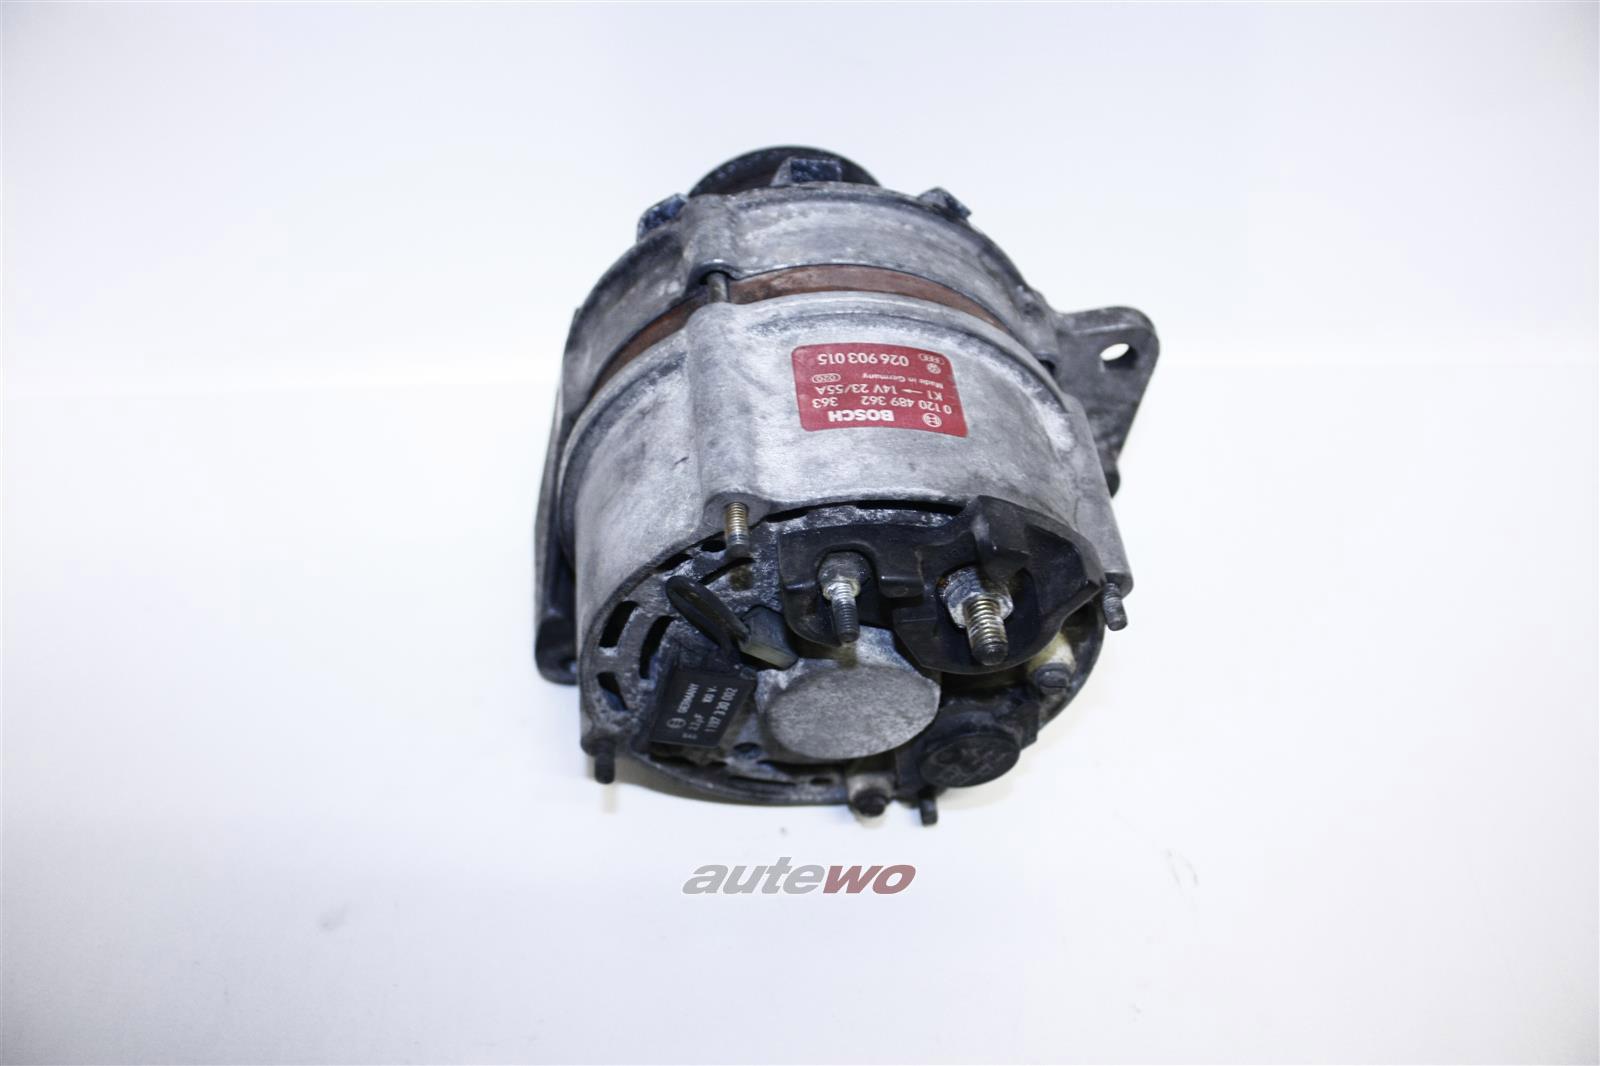 026903015 0120489362 Audi/VW 80 Typ 81/85/100 Typ 44/Passat 4 Zylinder Lichtmaschine 55A